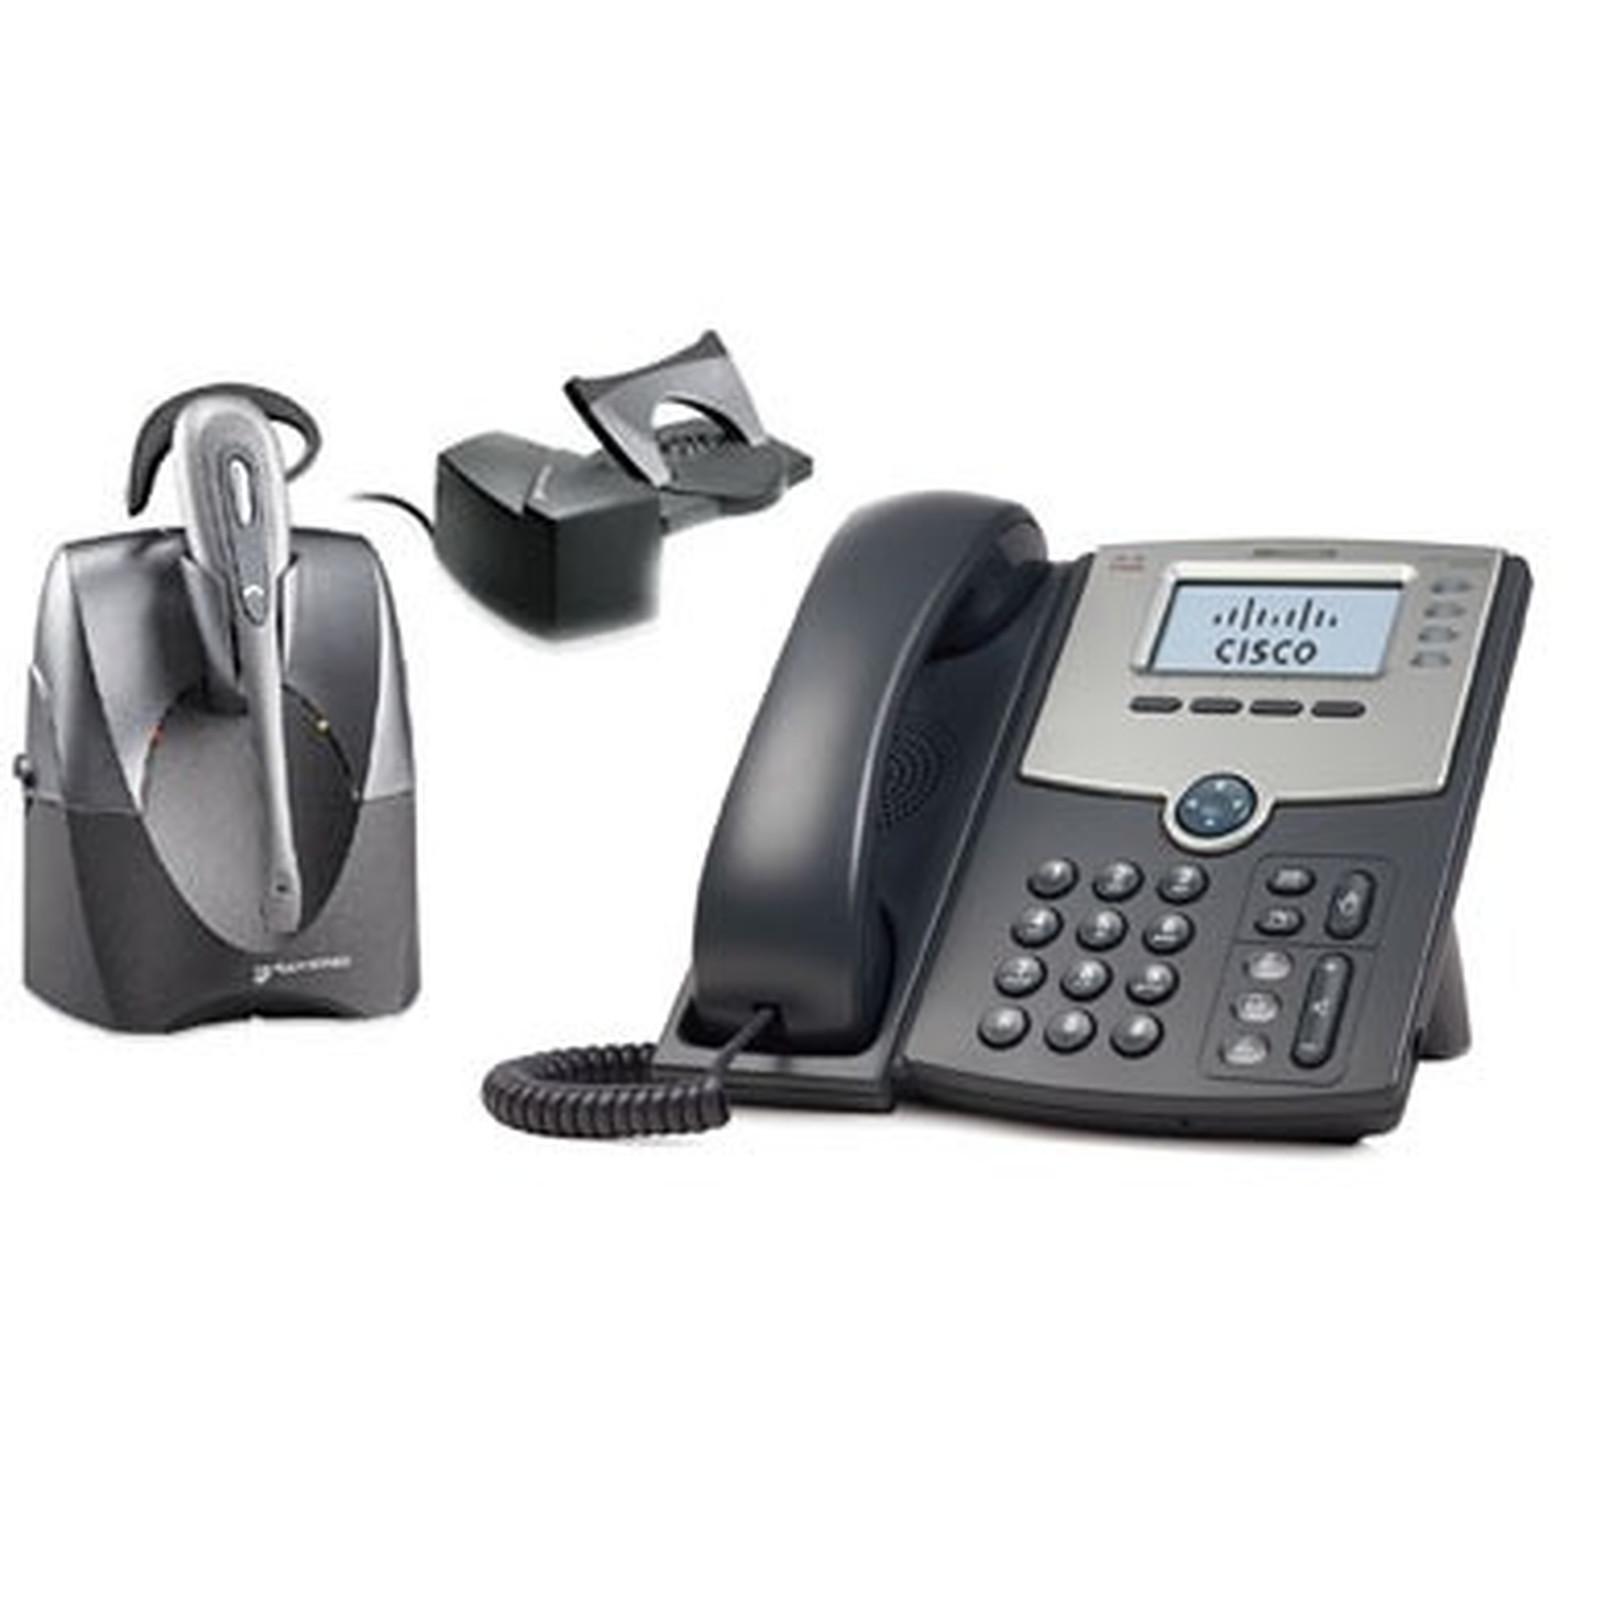 Cisco Small Business PRO SPA504G + Plantronics CS60 + Module de décrochage HL10